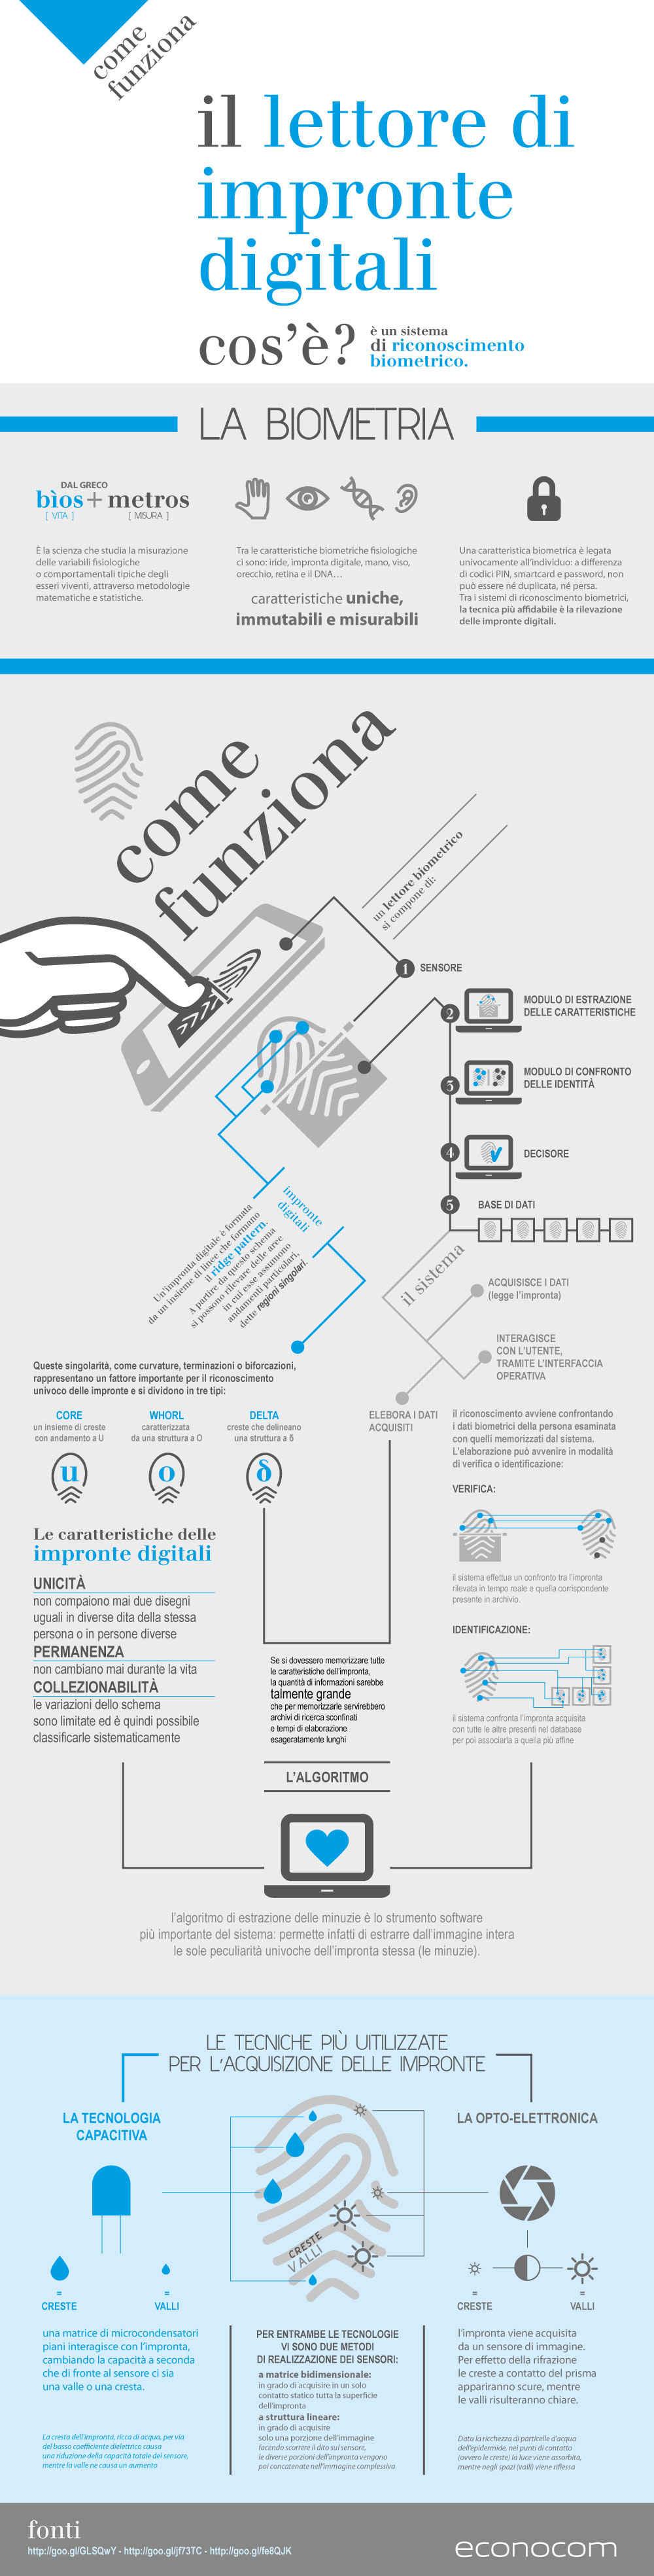 Come_funziona_lettore_impronte_digitali